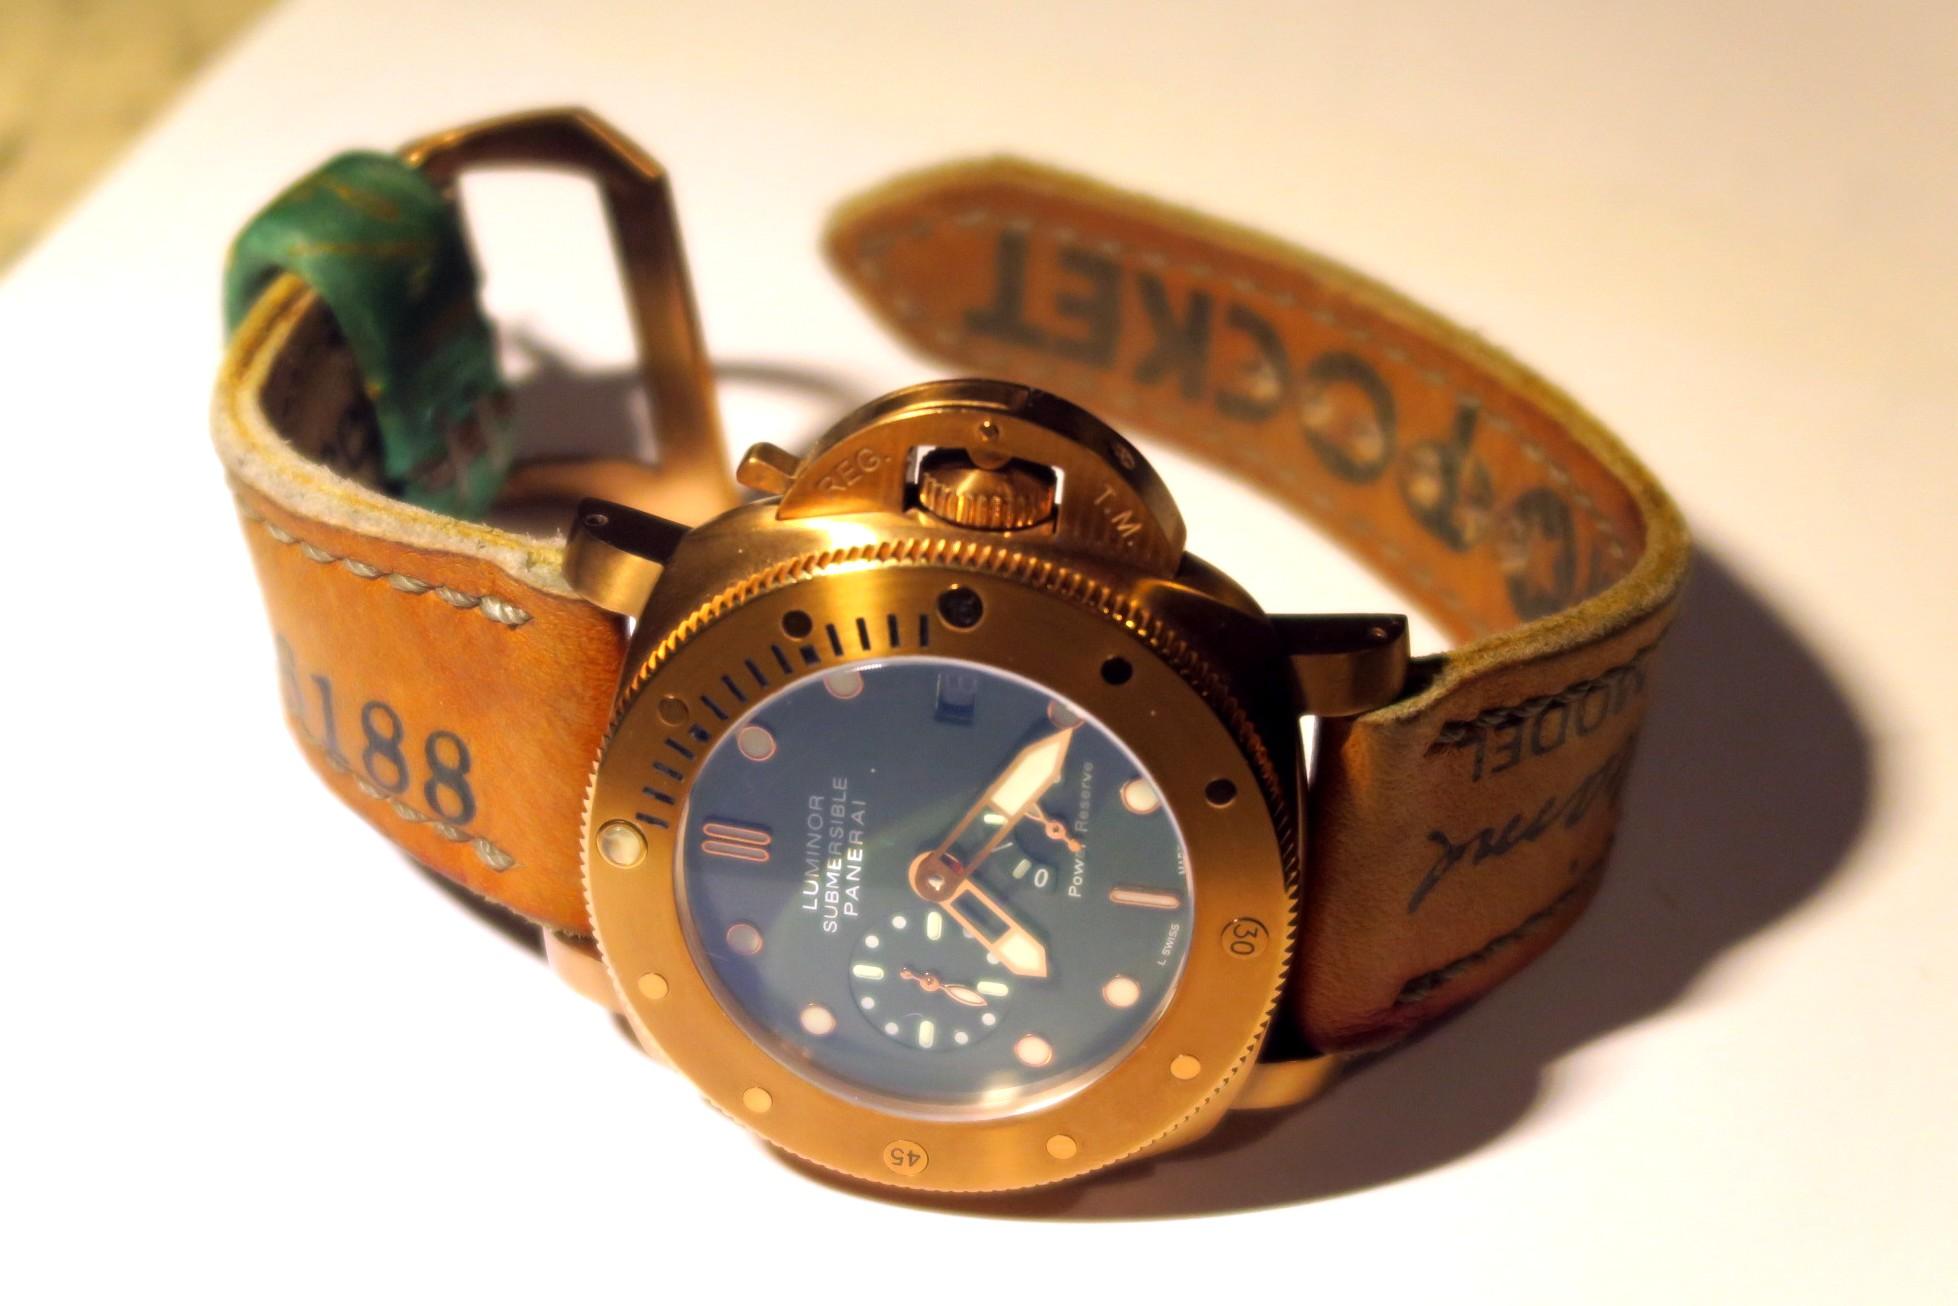 Μεταβολές πατίνας σε Panerai Bronzo και άλλα χάλκινα ρολόγια - Ρολόγια Replica